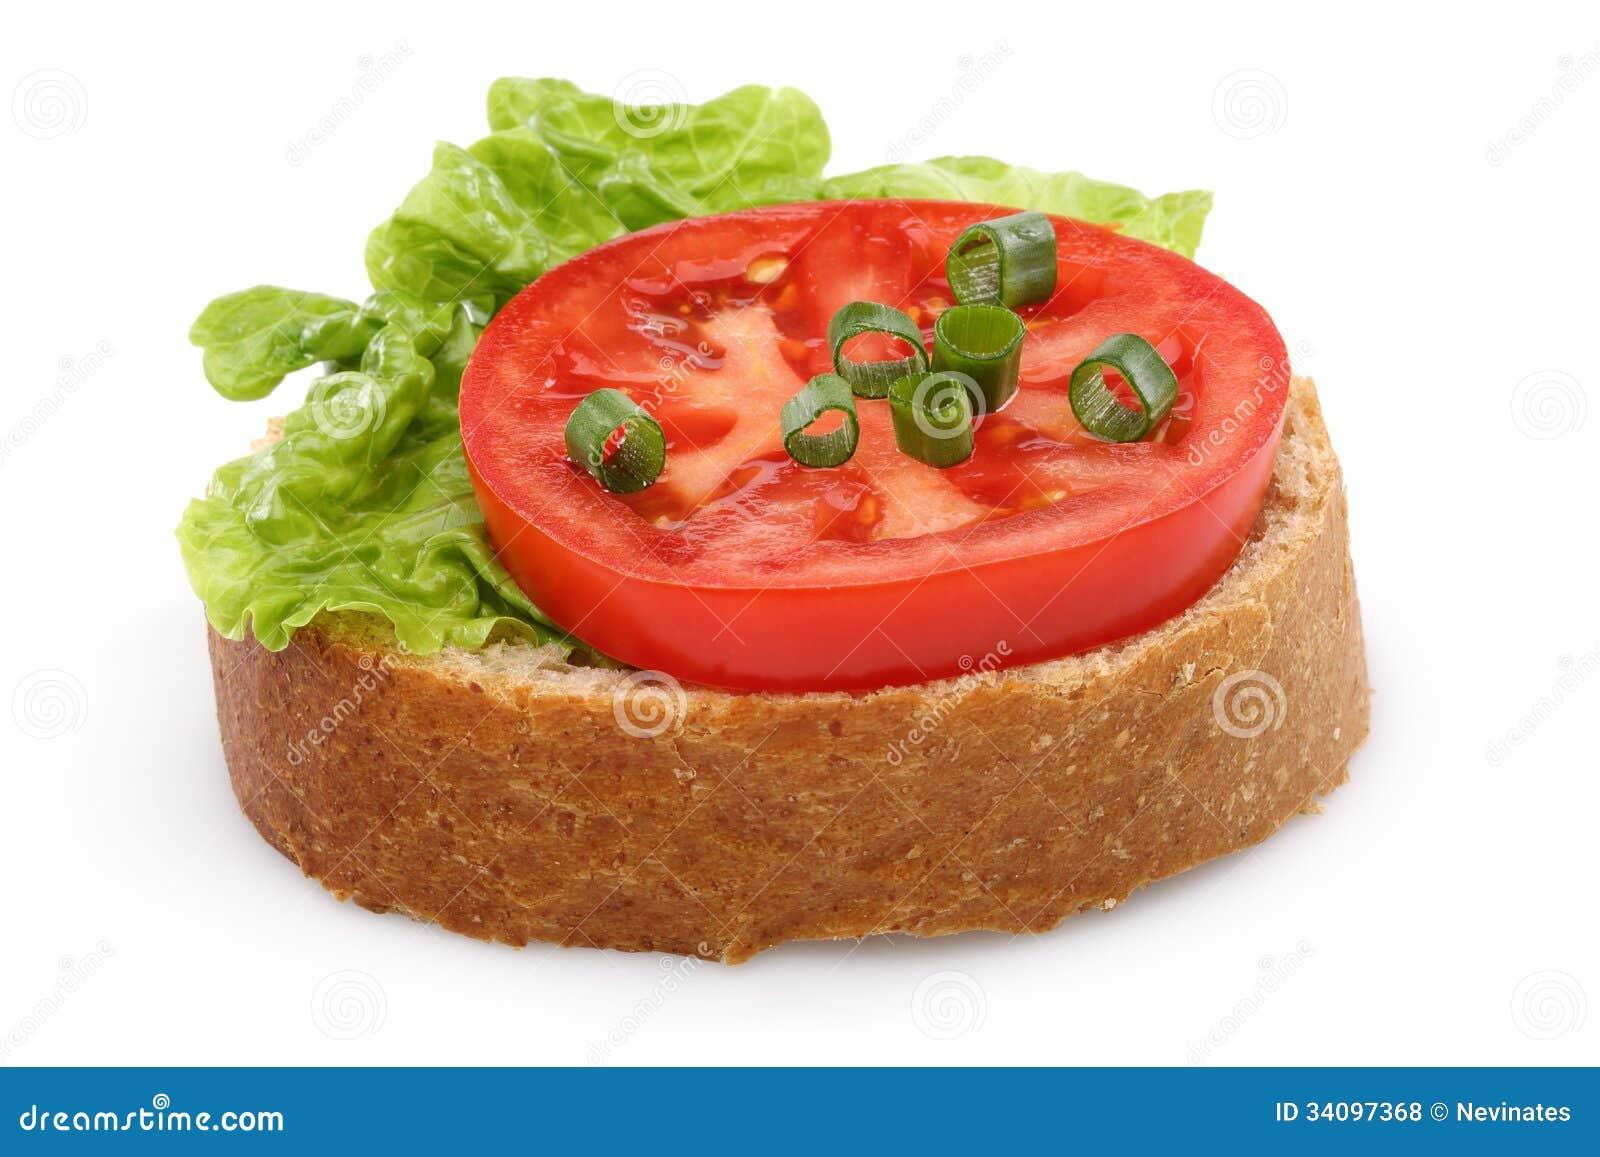 Tomate y una rebanada de pan del trigo integral